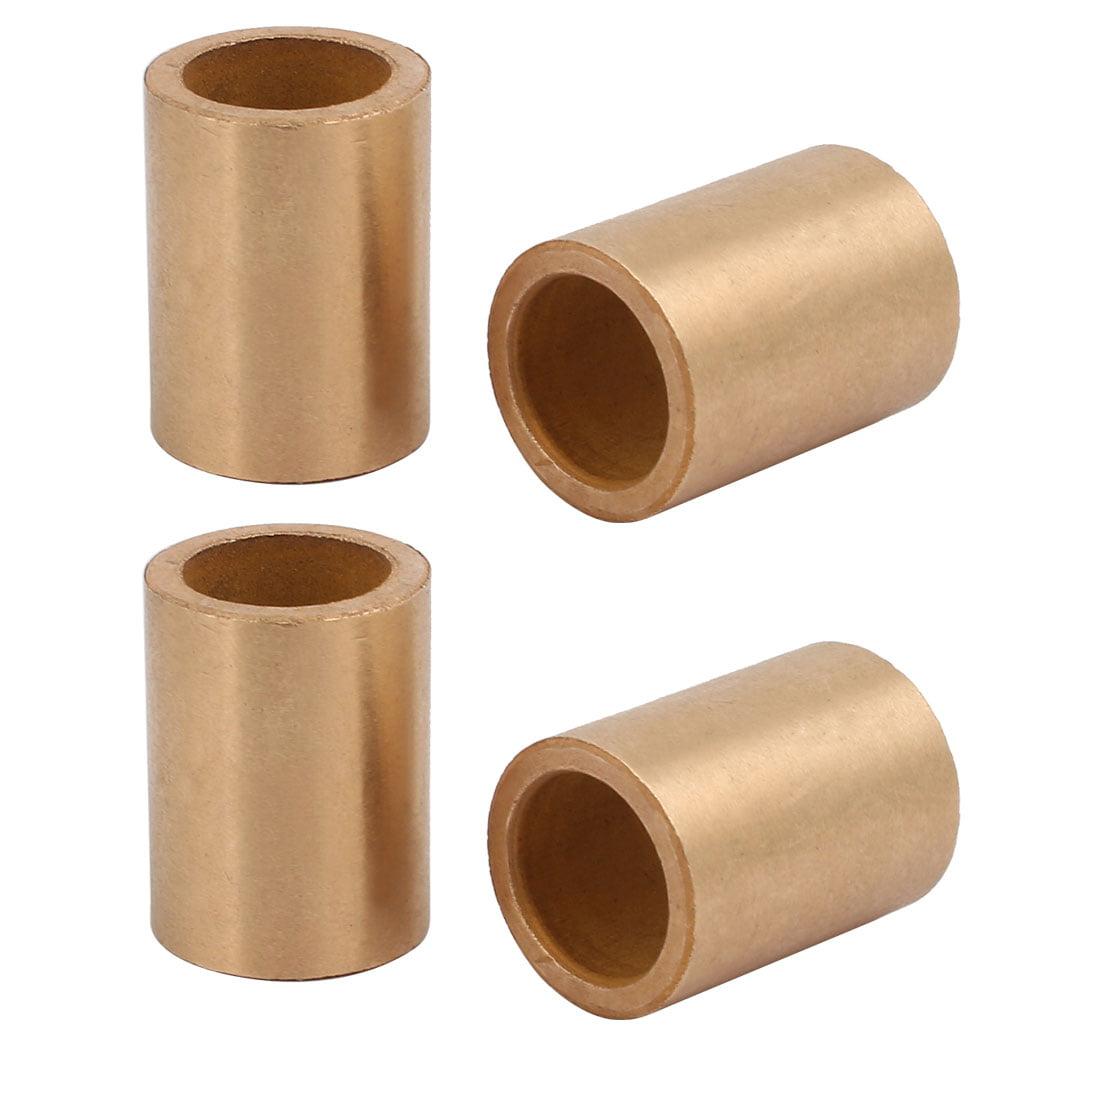 4pcs 16mmx22mmx30mm Powdered Metal Bronze Sleeve Bearing Bushing Gold Tone - image 3 of 3